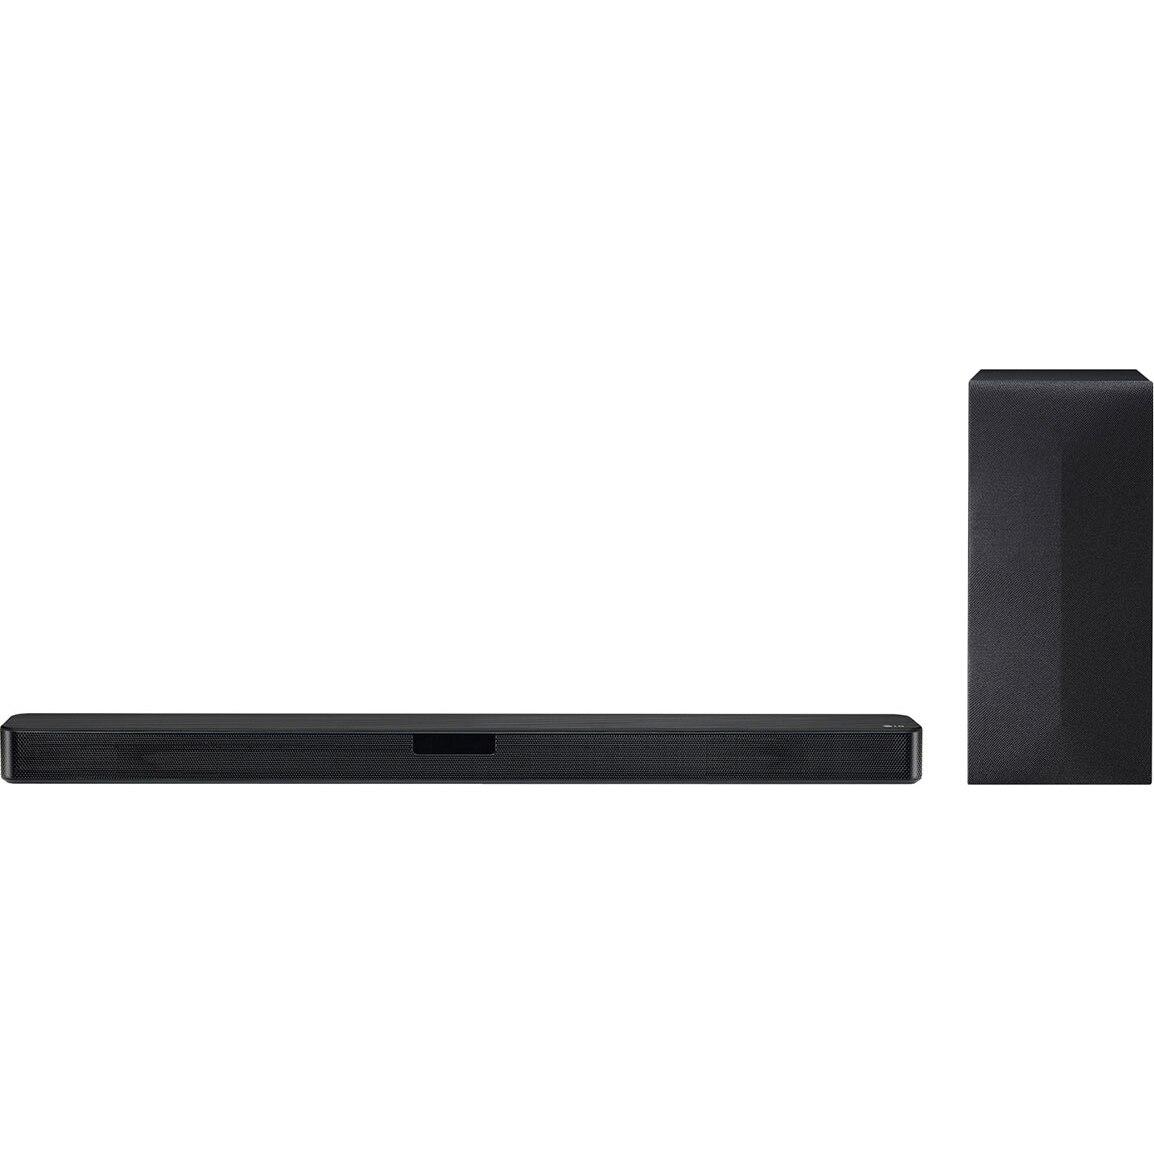 Fotografie Soundbar LG SN4, 2.1, 300W, Bluetooth, Subwoofer Wireless, Dolby, negru